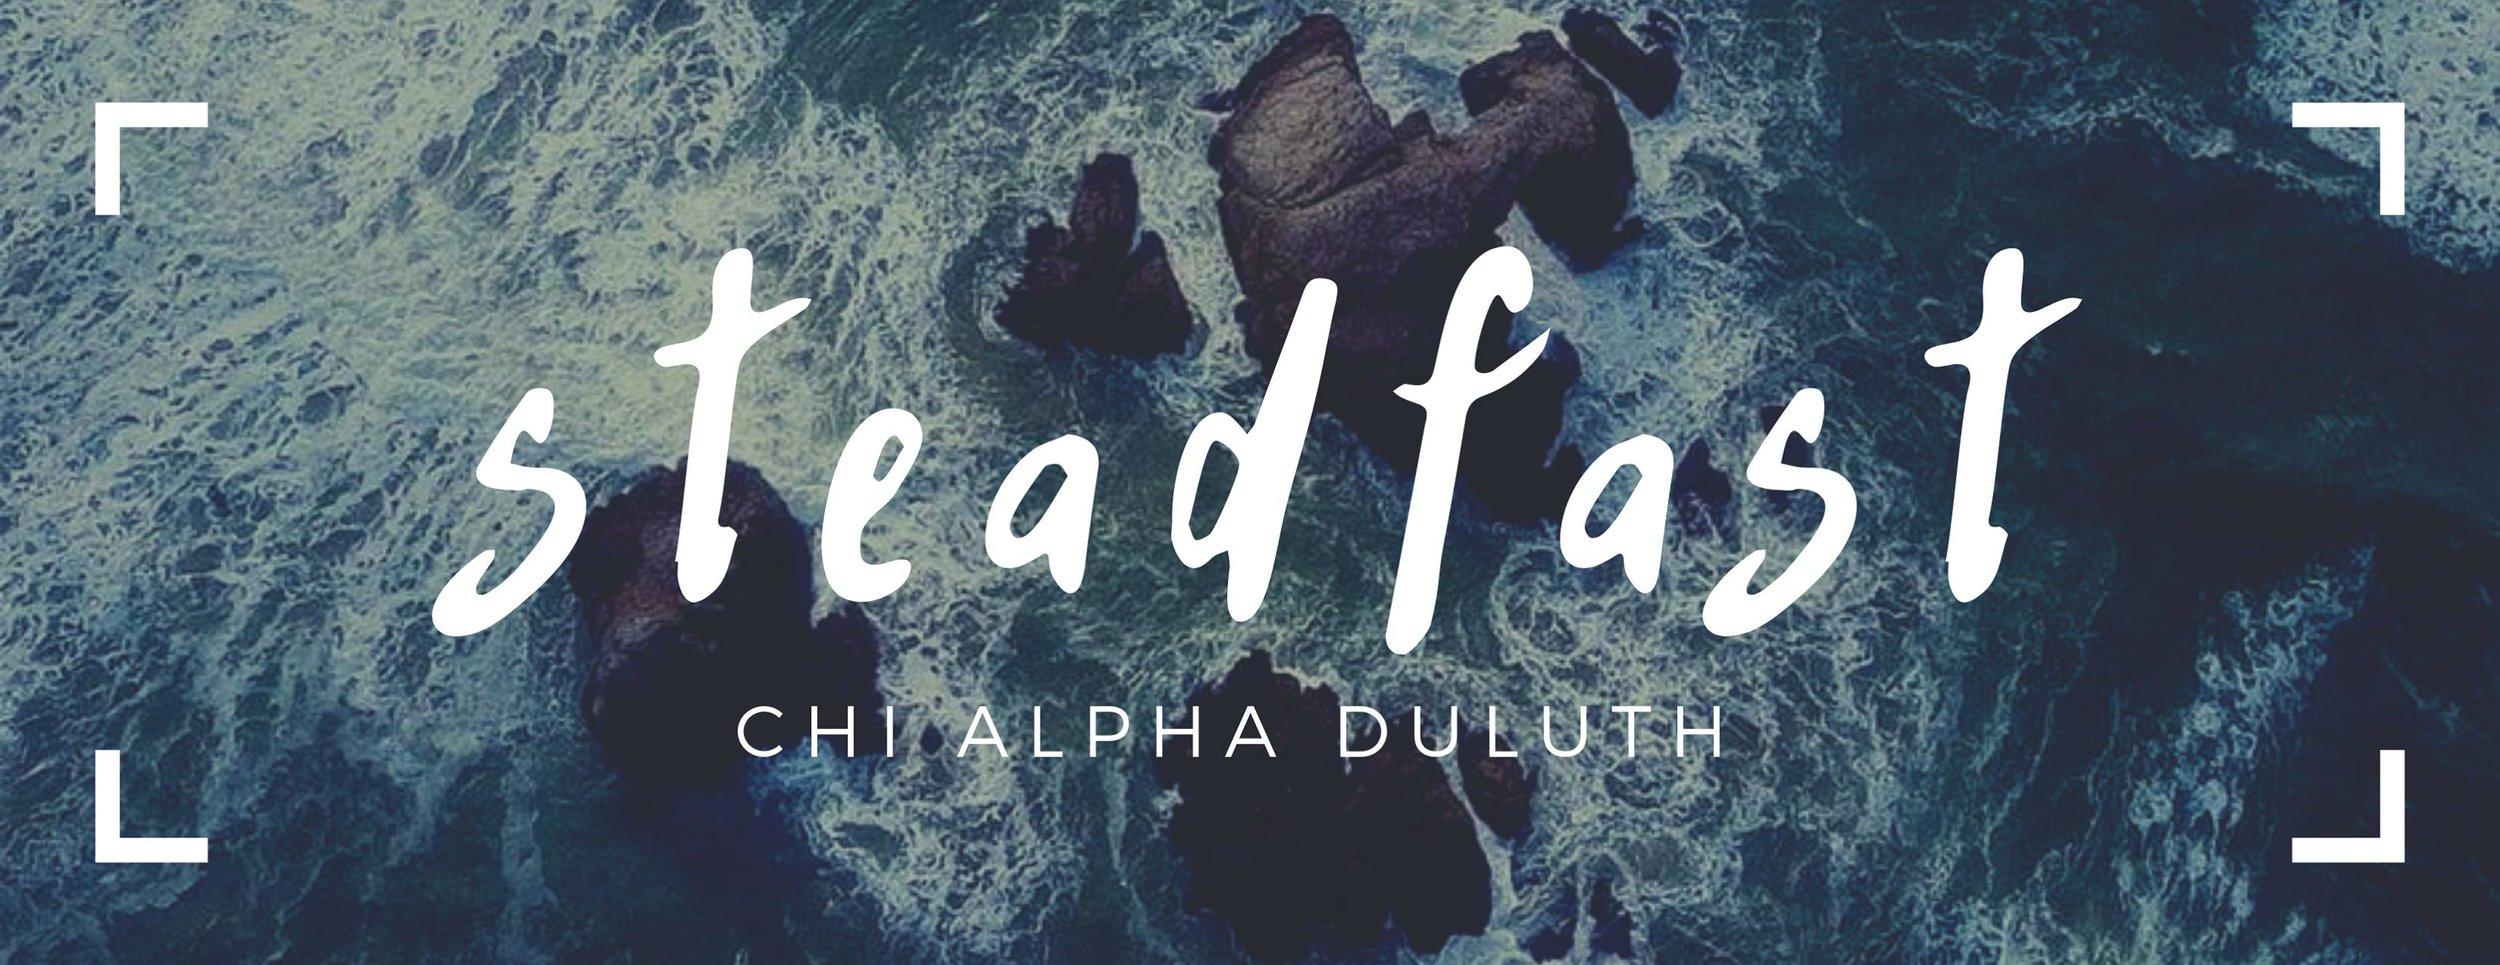 Chi Alpha Duluth.jpg